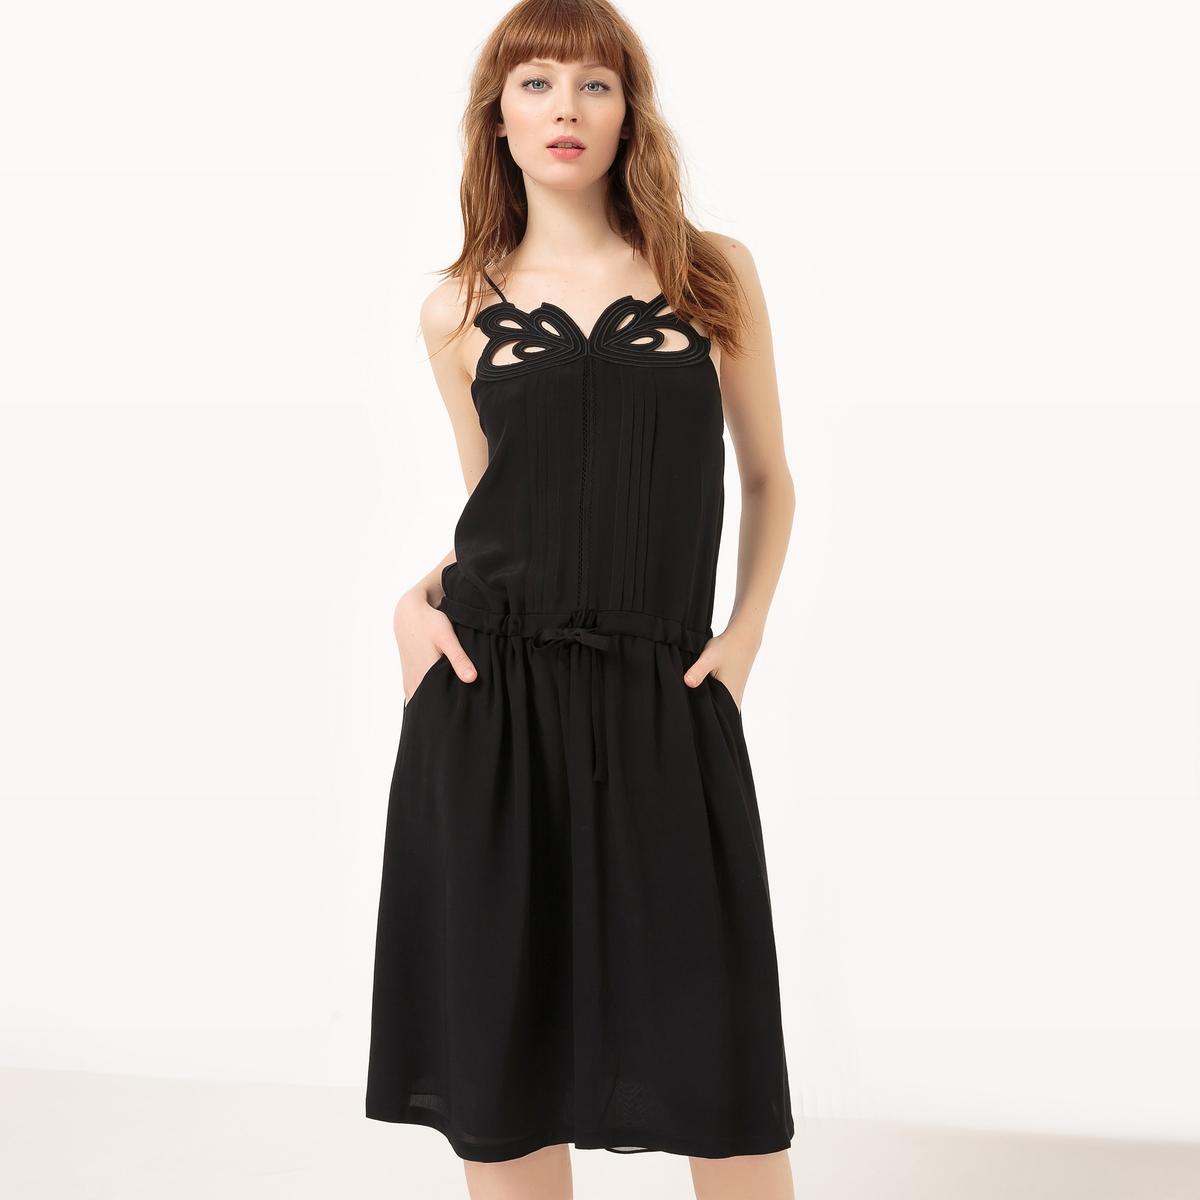 Фото Платье на тонких бретелях, кружевное спереди. Купить с доставкой